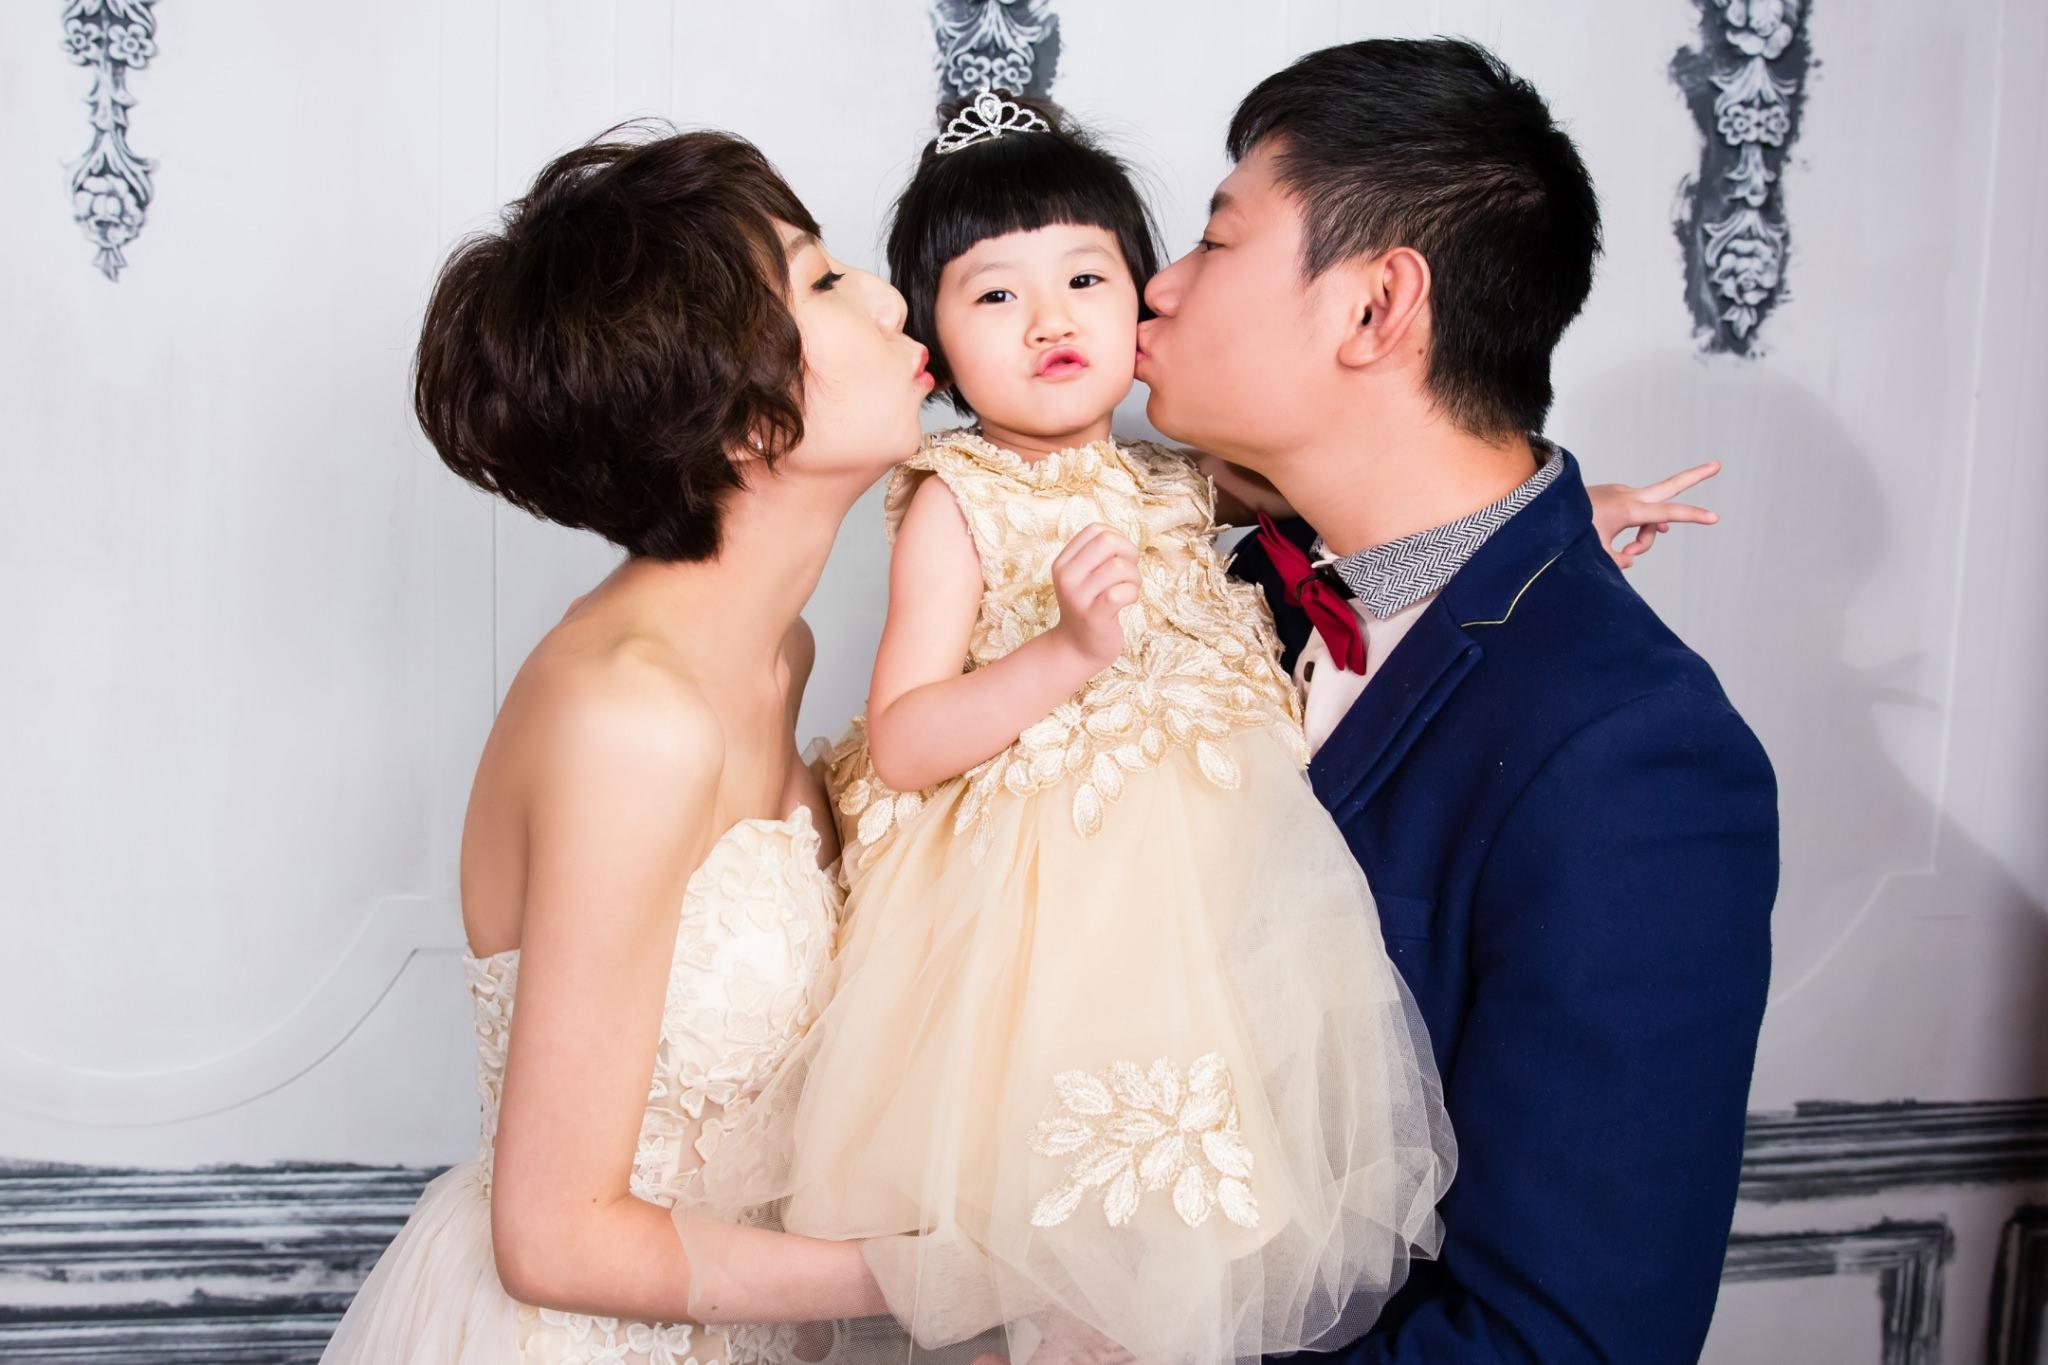 [親子攝影]班尼頓兒童攝影-親子全家福帶著小娃輕鬆拍寫真。